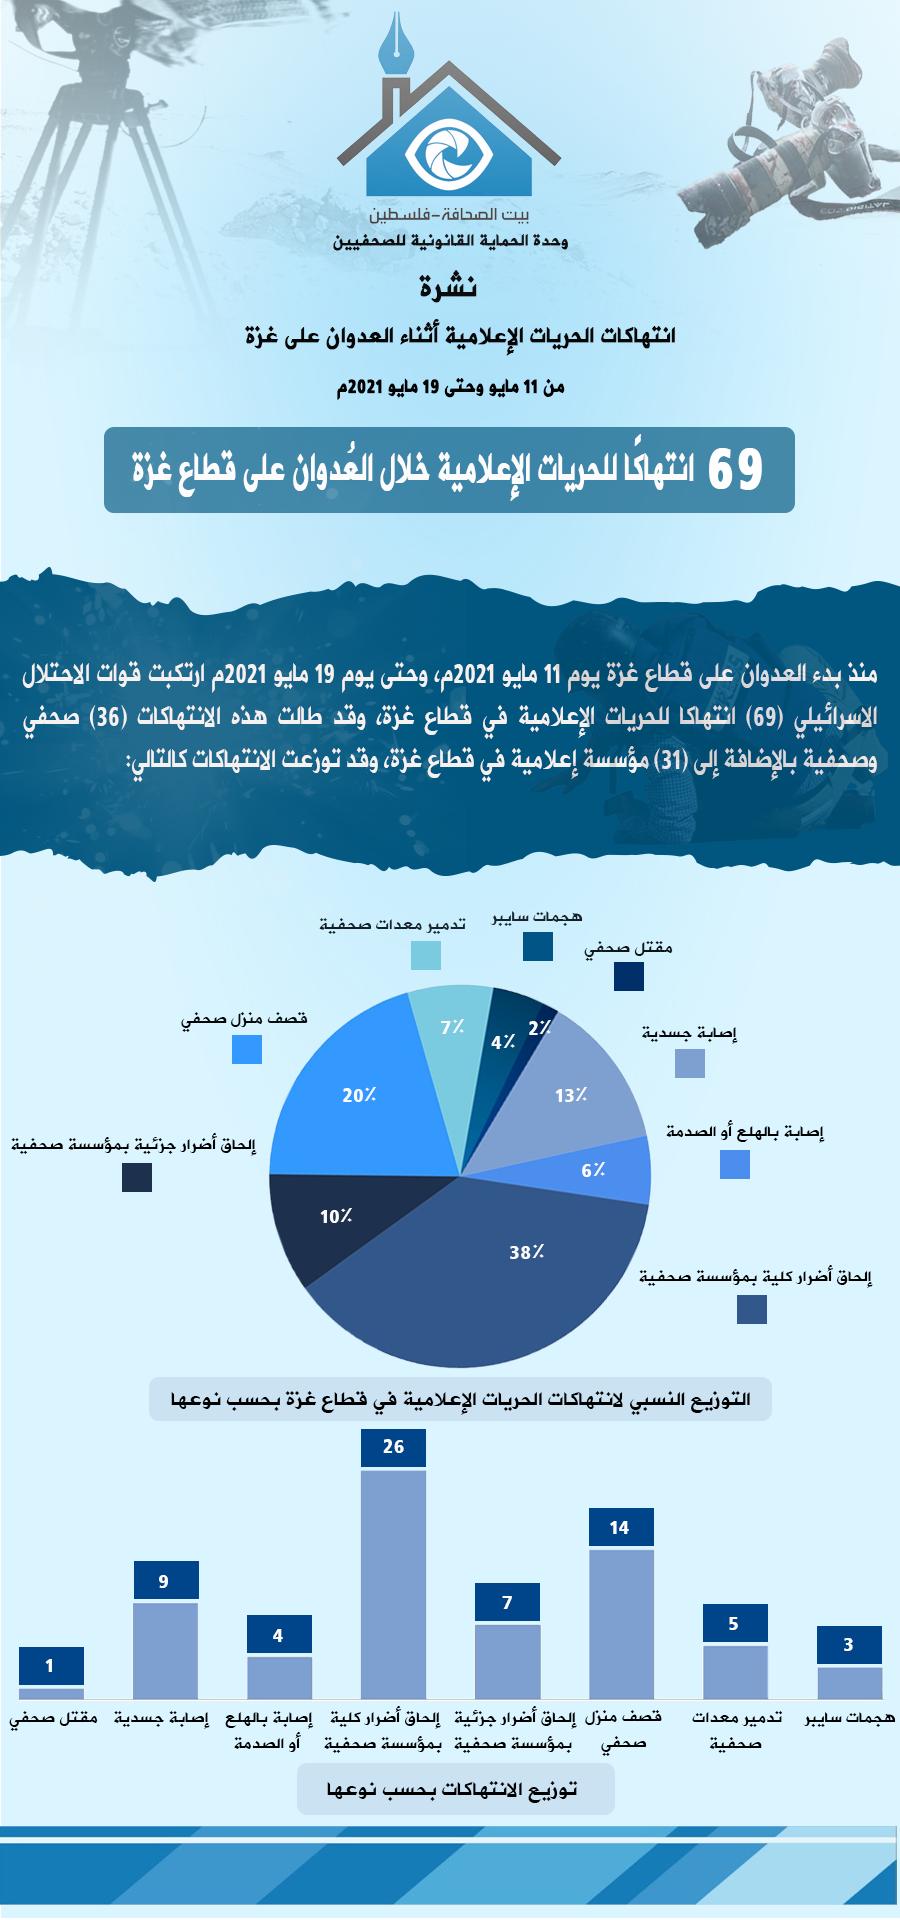 نشرة 11-19 انتهاكات الحريات الإعلامية أثناء العدوان على غزة - عربي.png